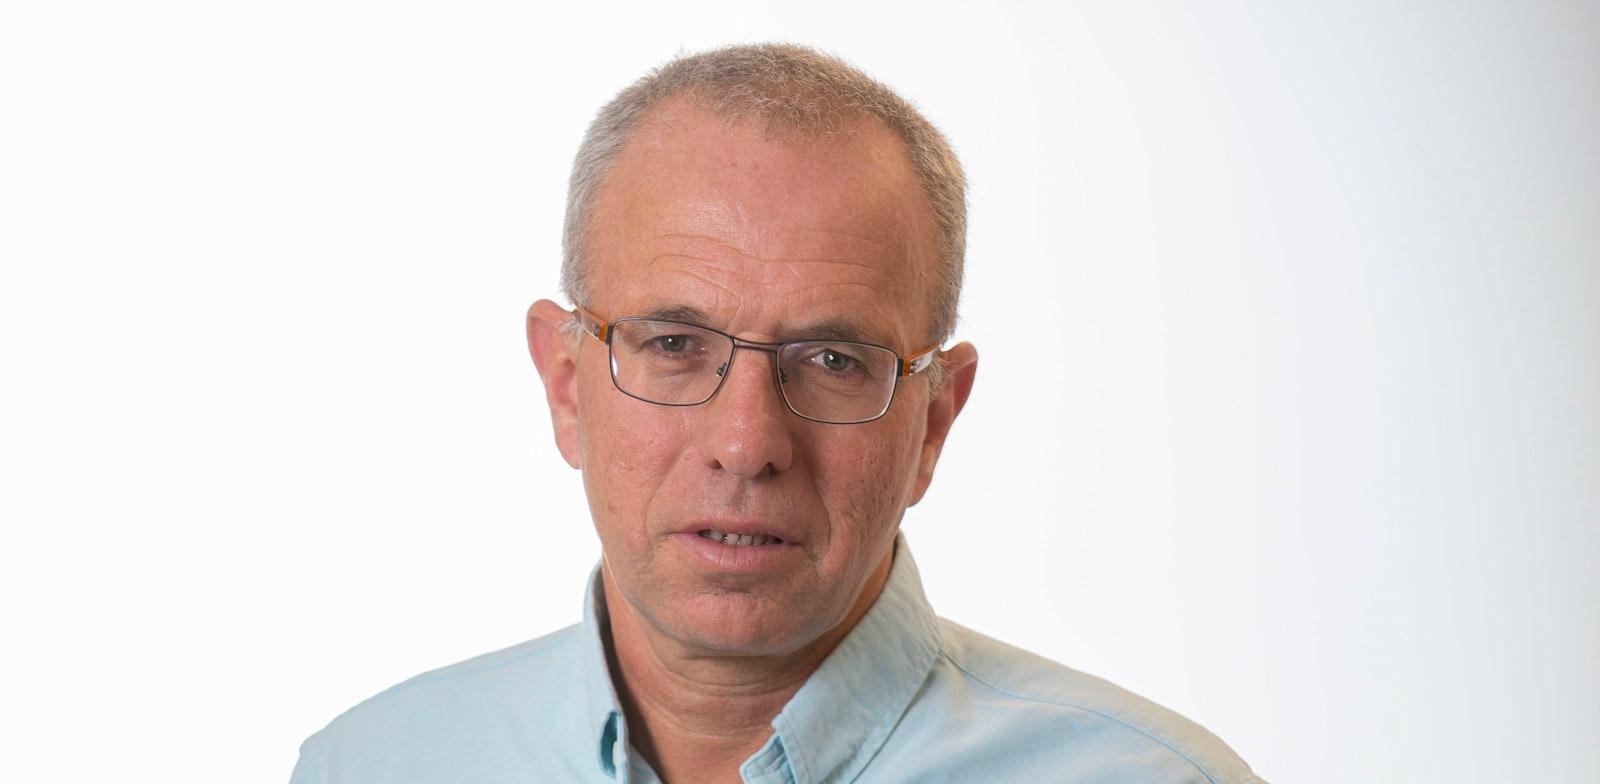 רוני בירם, מבעלי השליטה בקרדן ישראל / צילום: אלי דסה